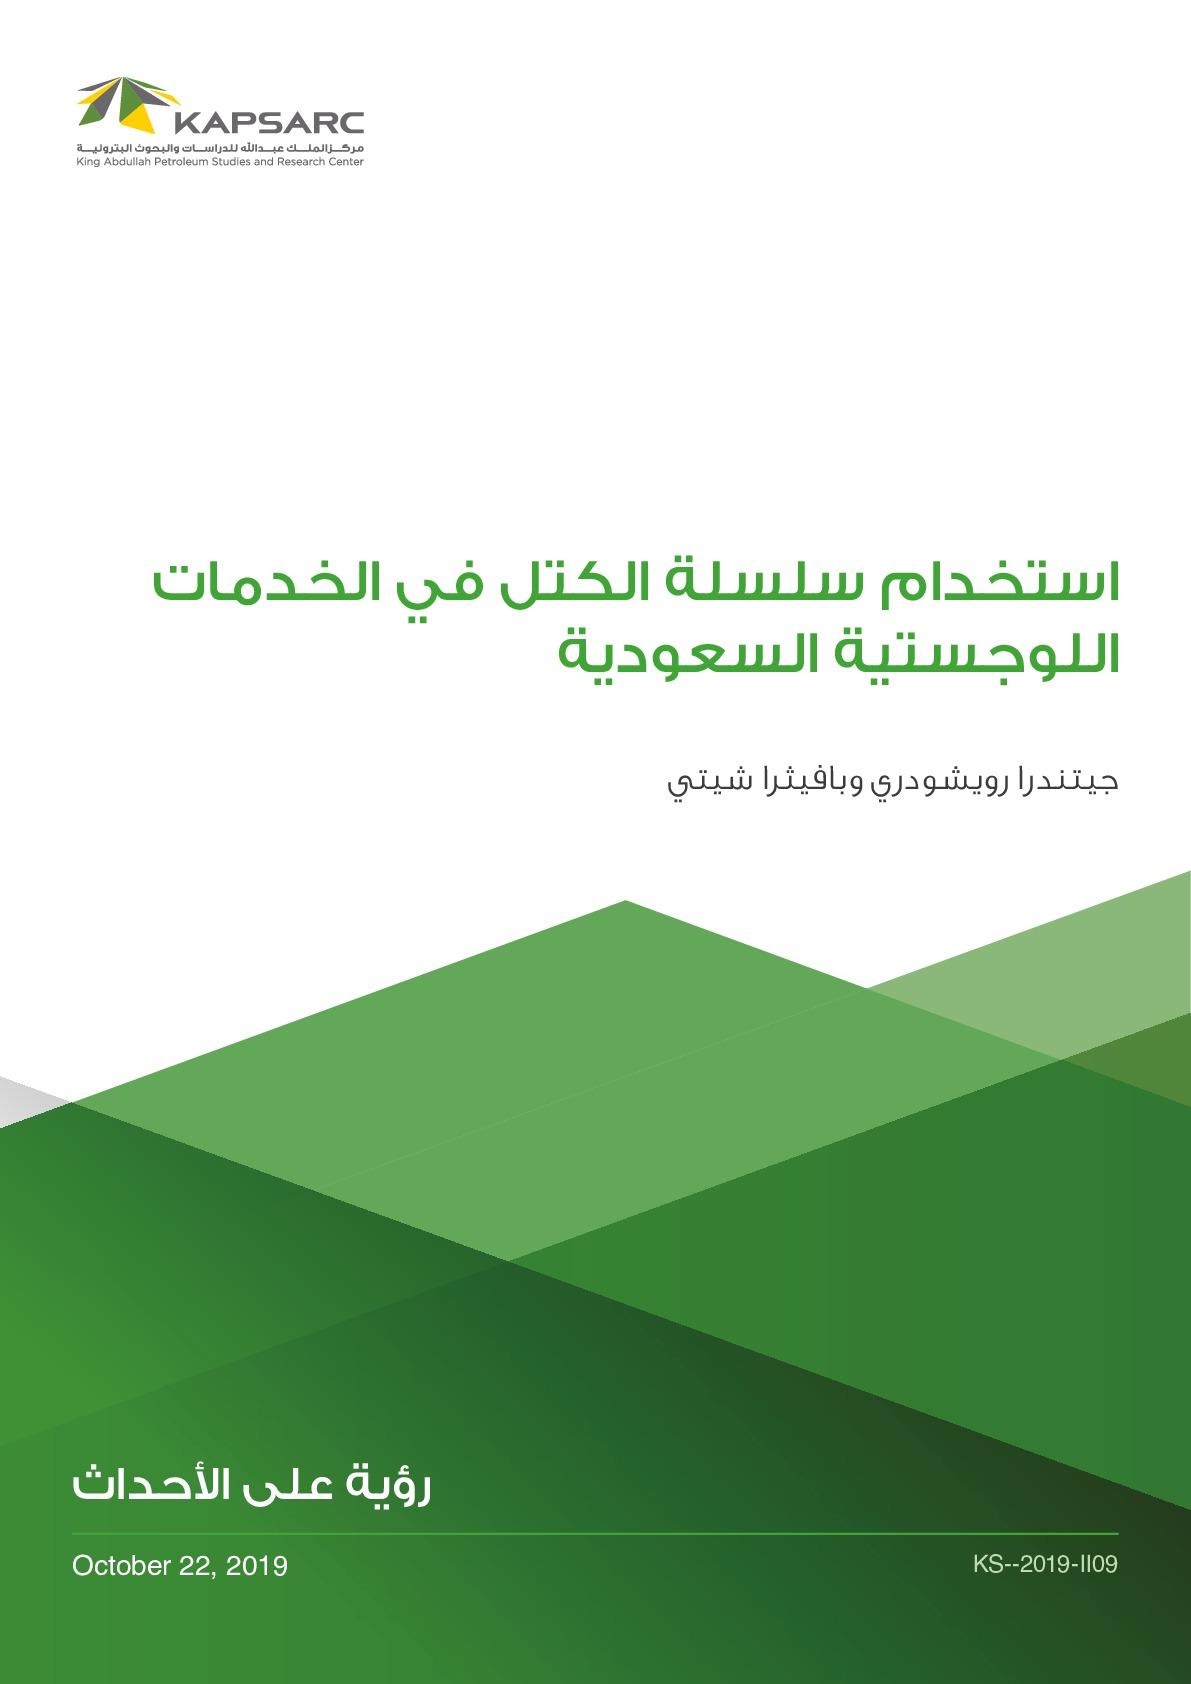 استخدام سلسلة الكتل في الخدمات اللوجستية السعودية